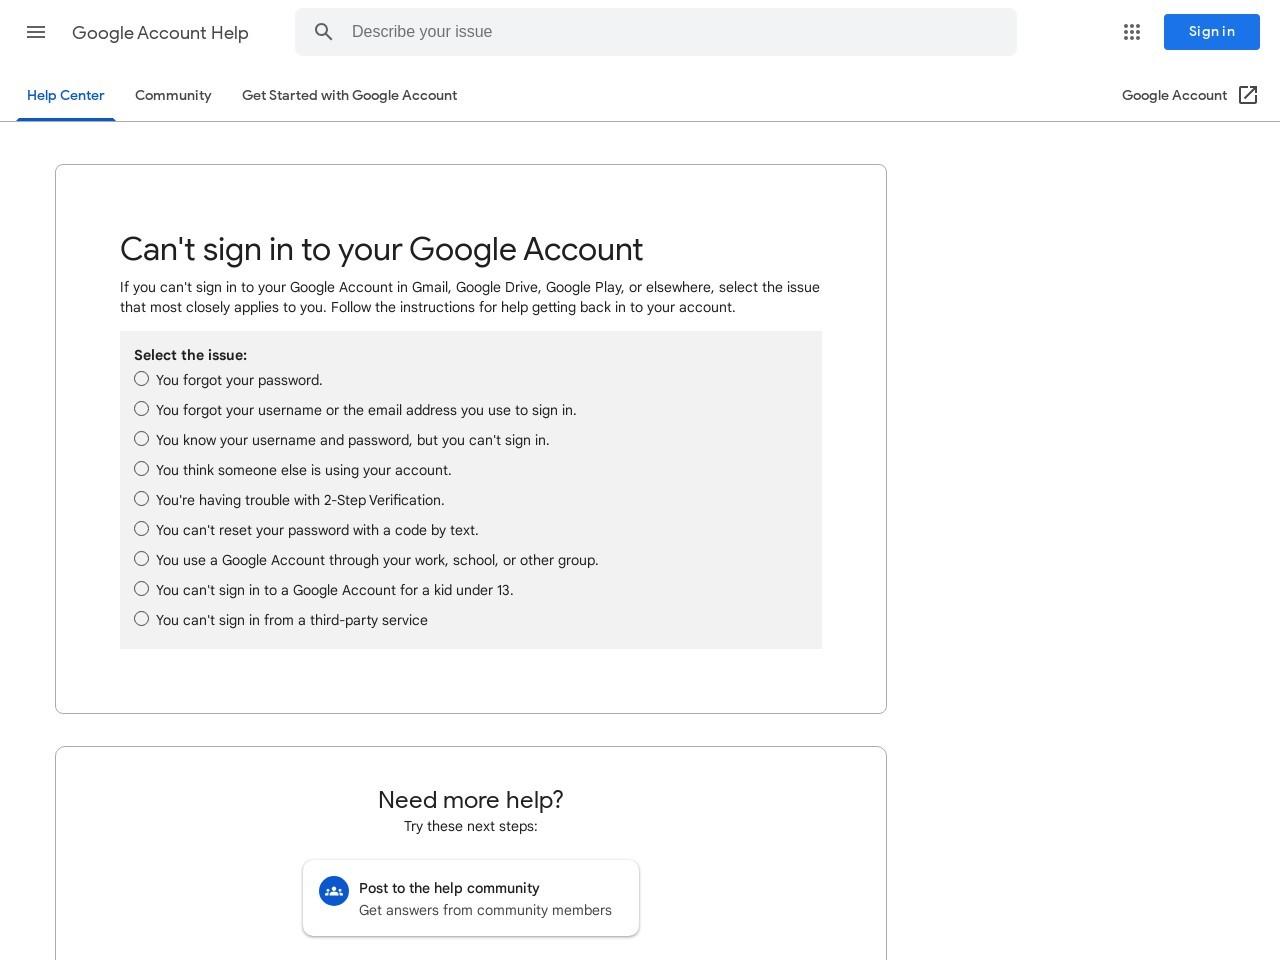 Vous ne parvenez pas à vous connecter à votre compte Google